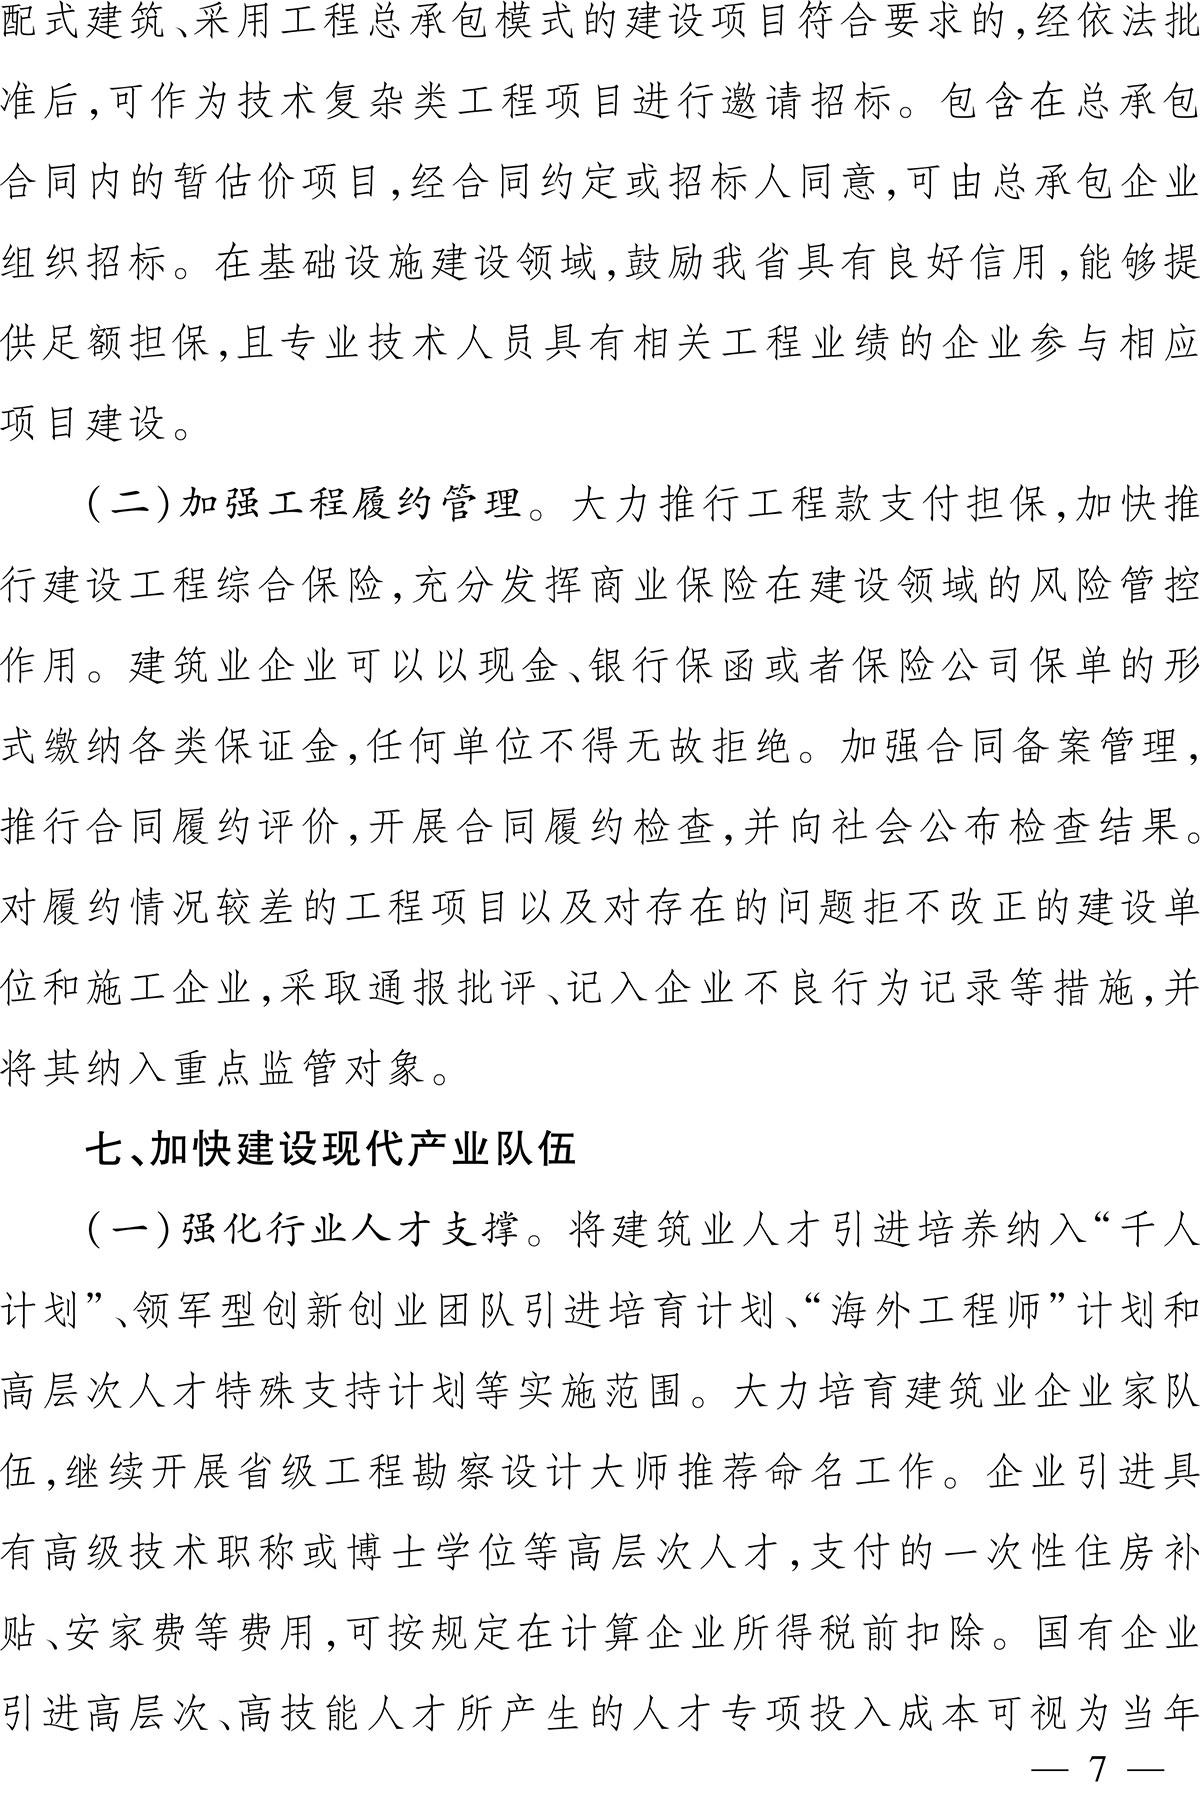 浙江省人民政府办公厅关于加快建筑业改革与发展的实施意见-7.jpg